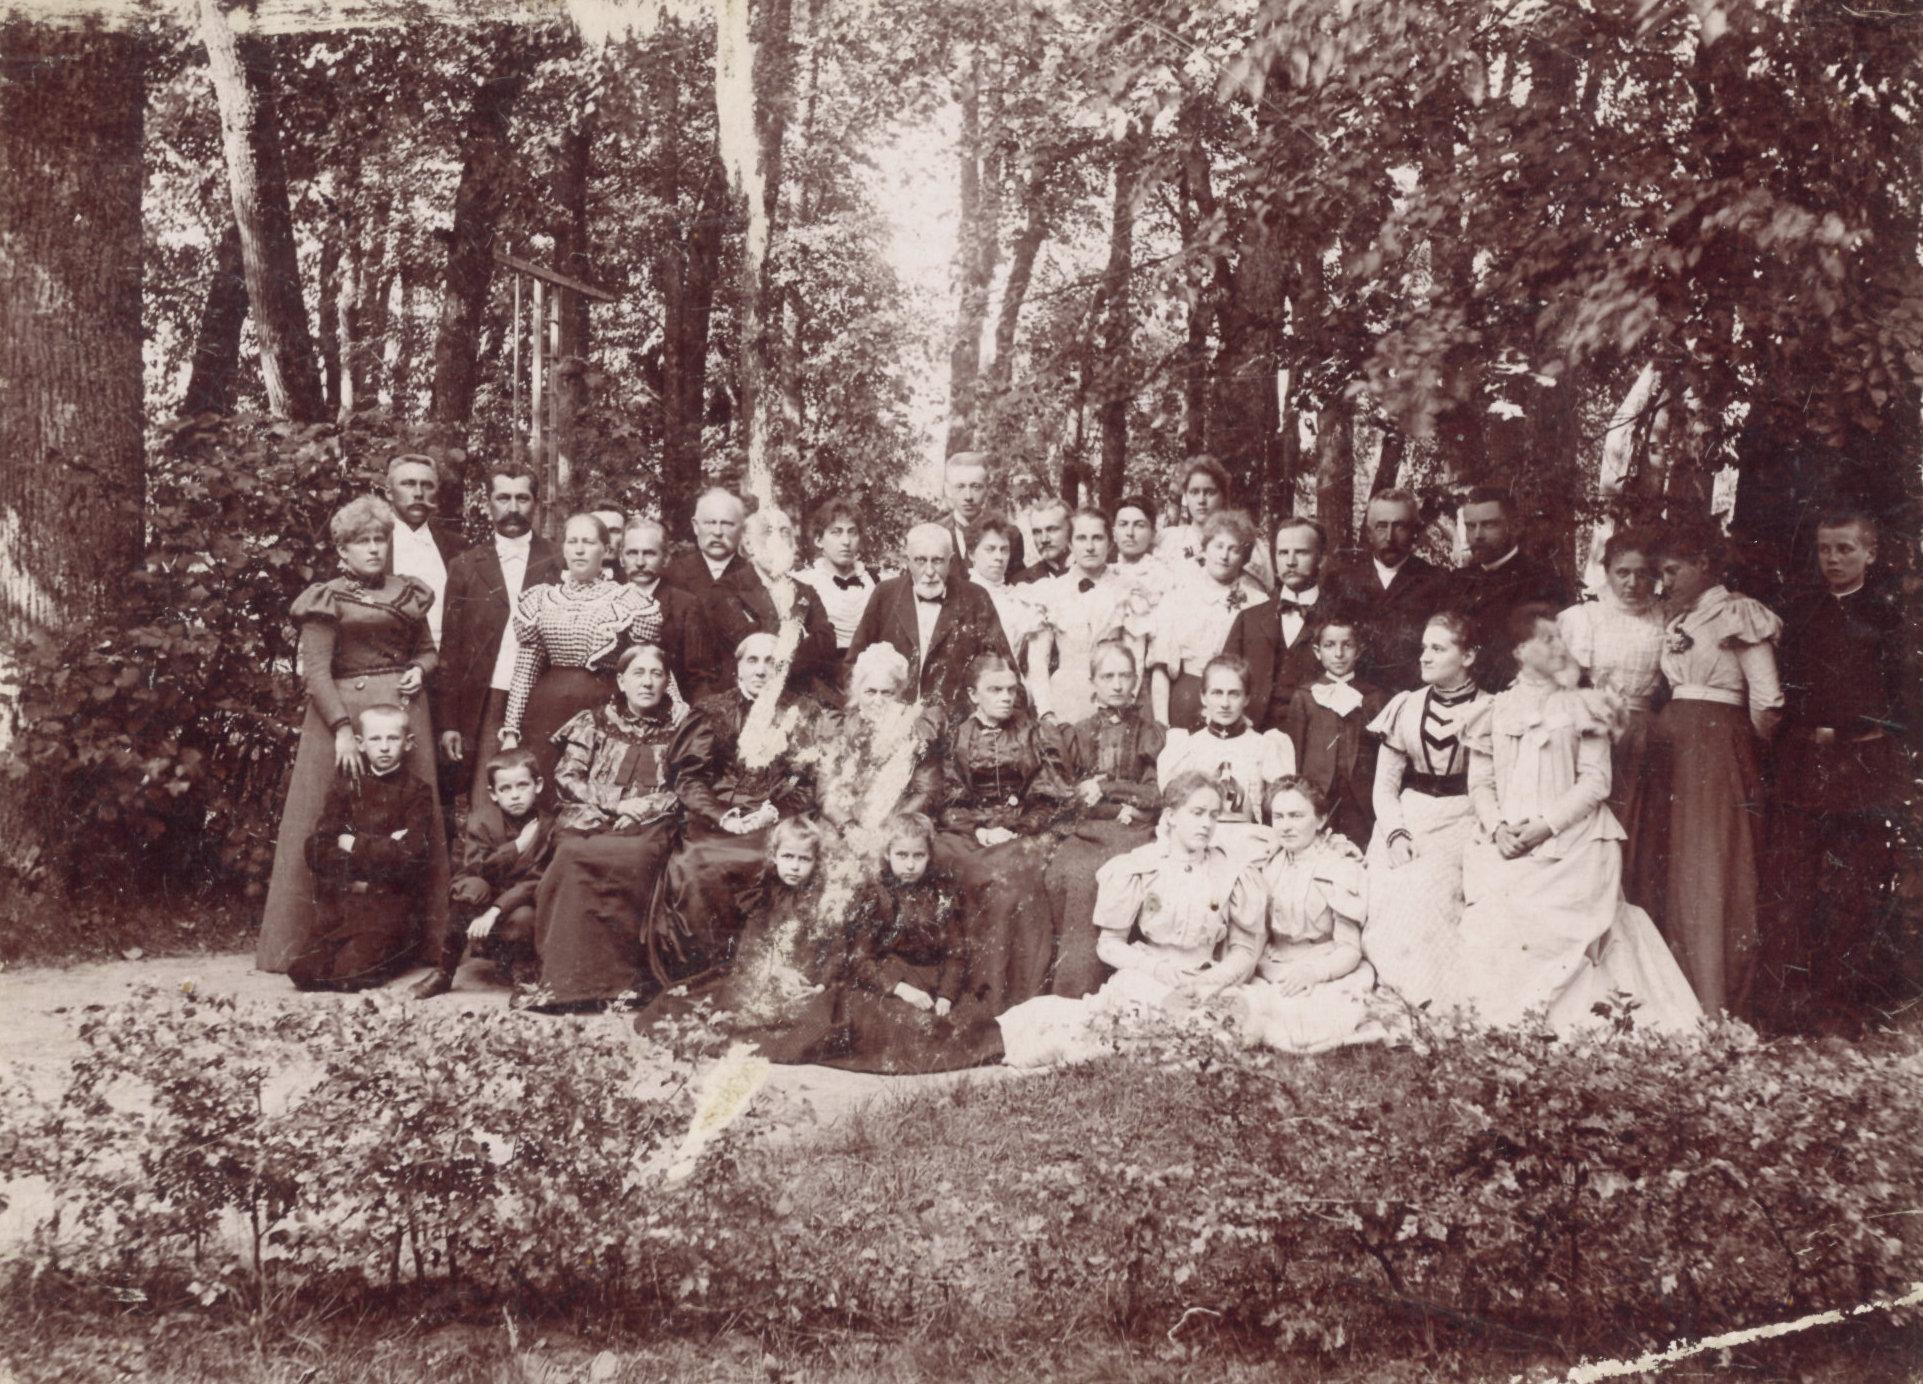 Antanavo dvaro svečiai parke